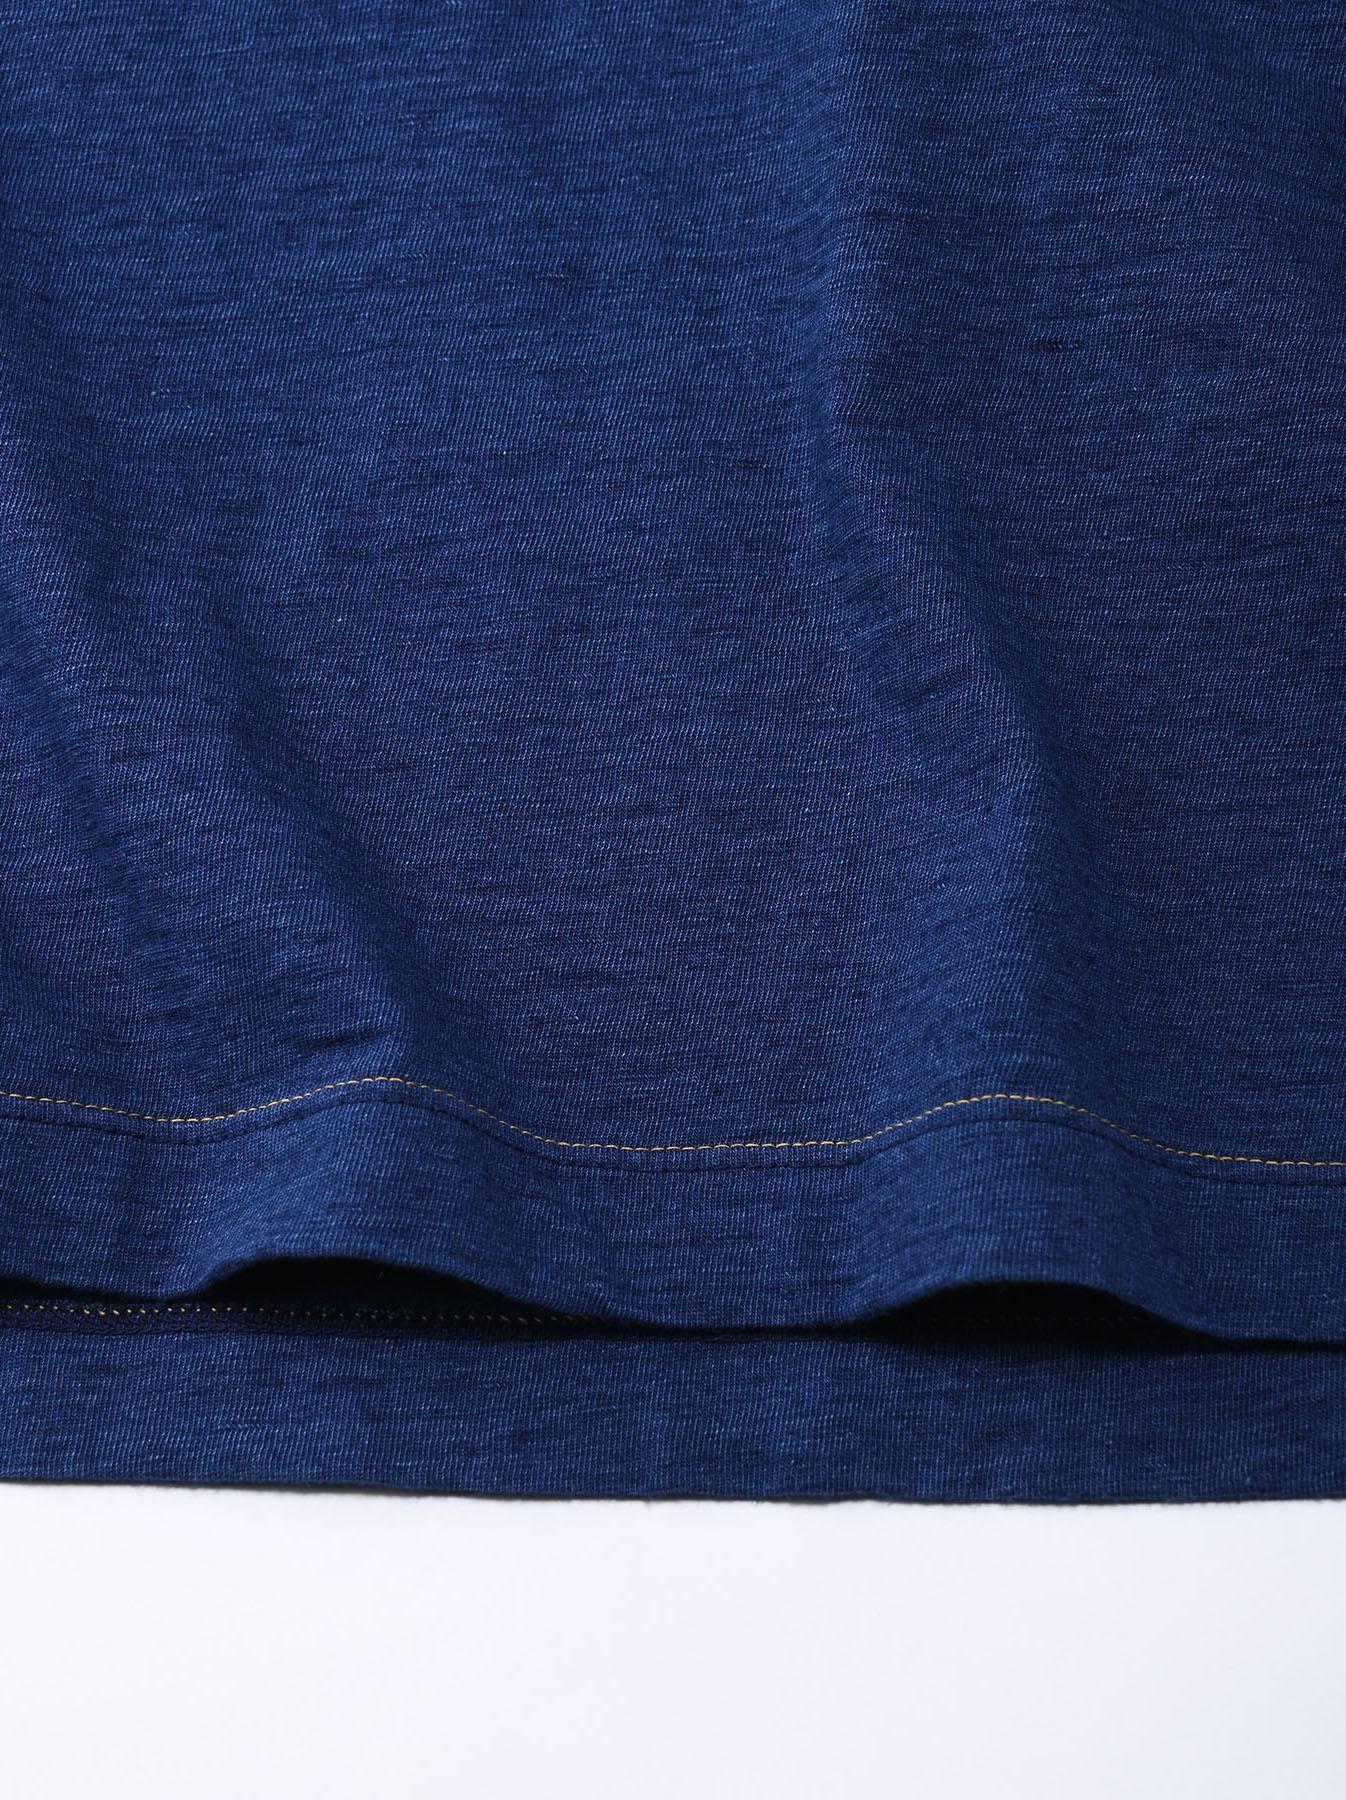 Indigo Lei Surf Print 908 Ocean T-Shirt (0521)-11